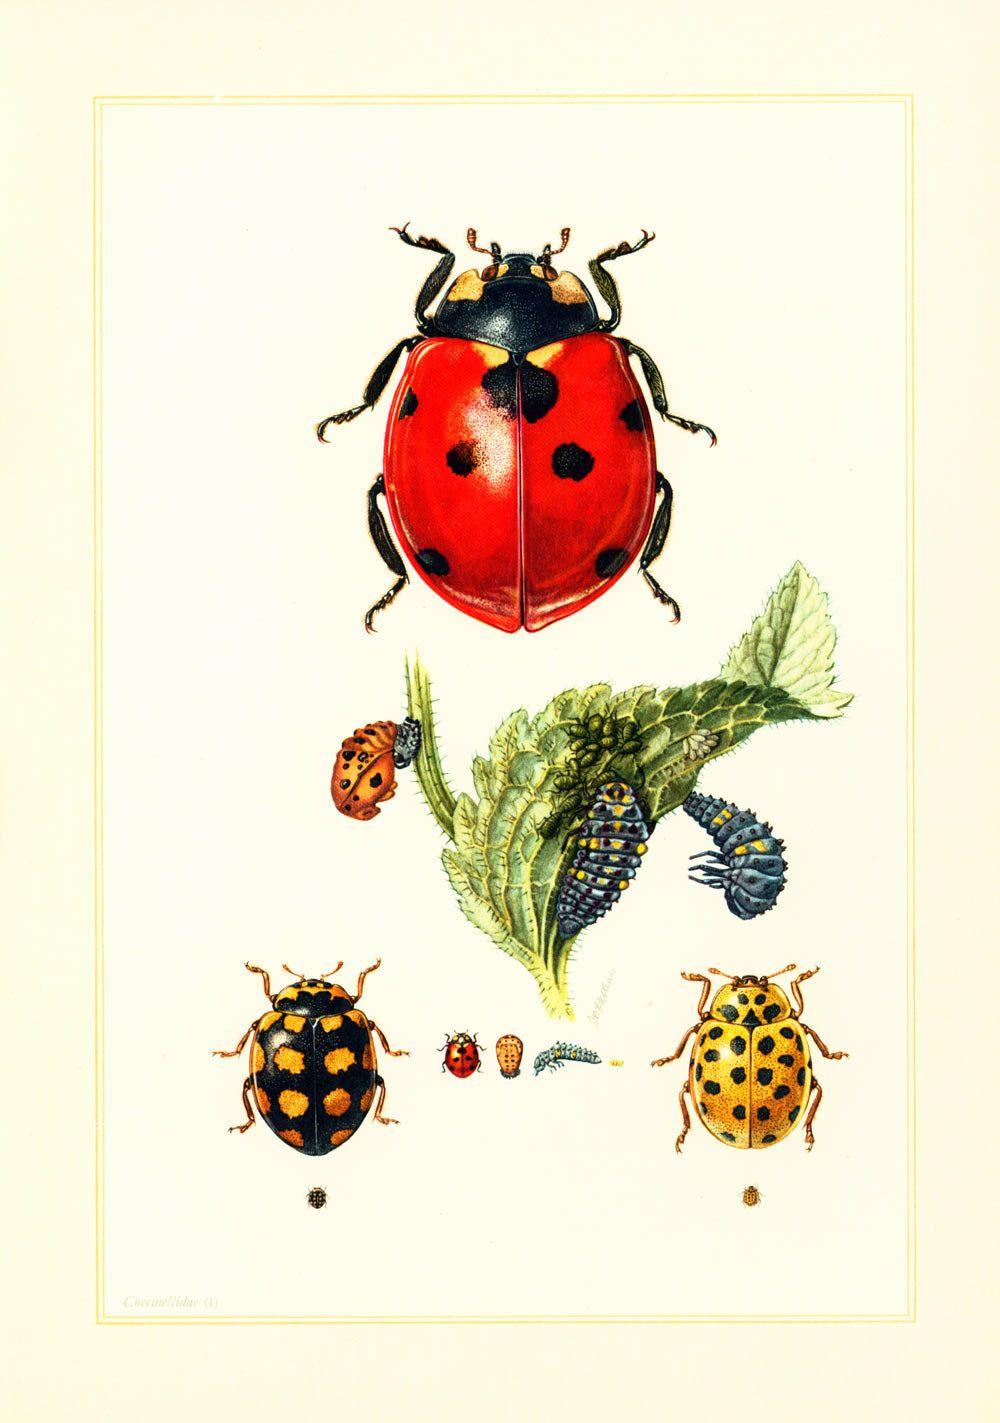 akribische Färbeprozesse 2019 heißer verkauf offizielle Seite 1960 Vintage Ladybug Print. Illustration Ladybird. Insect ...